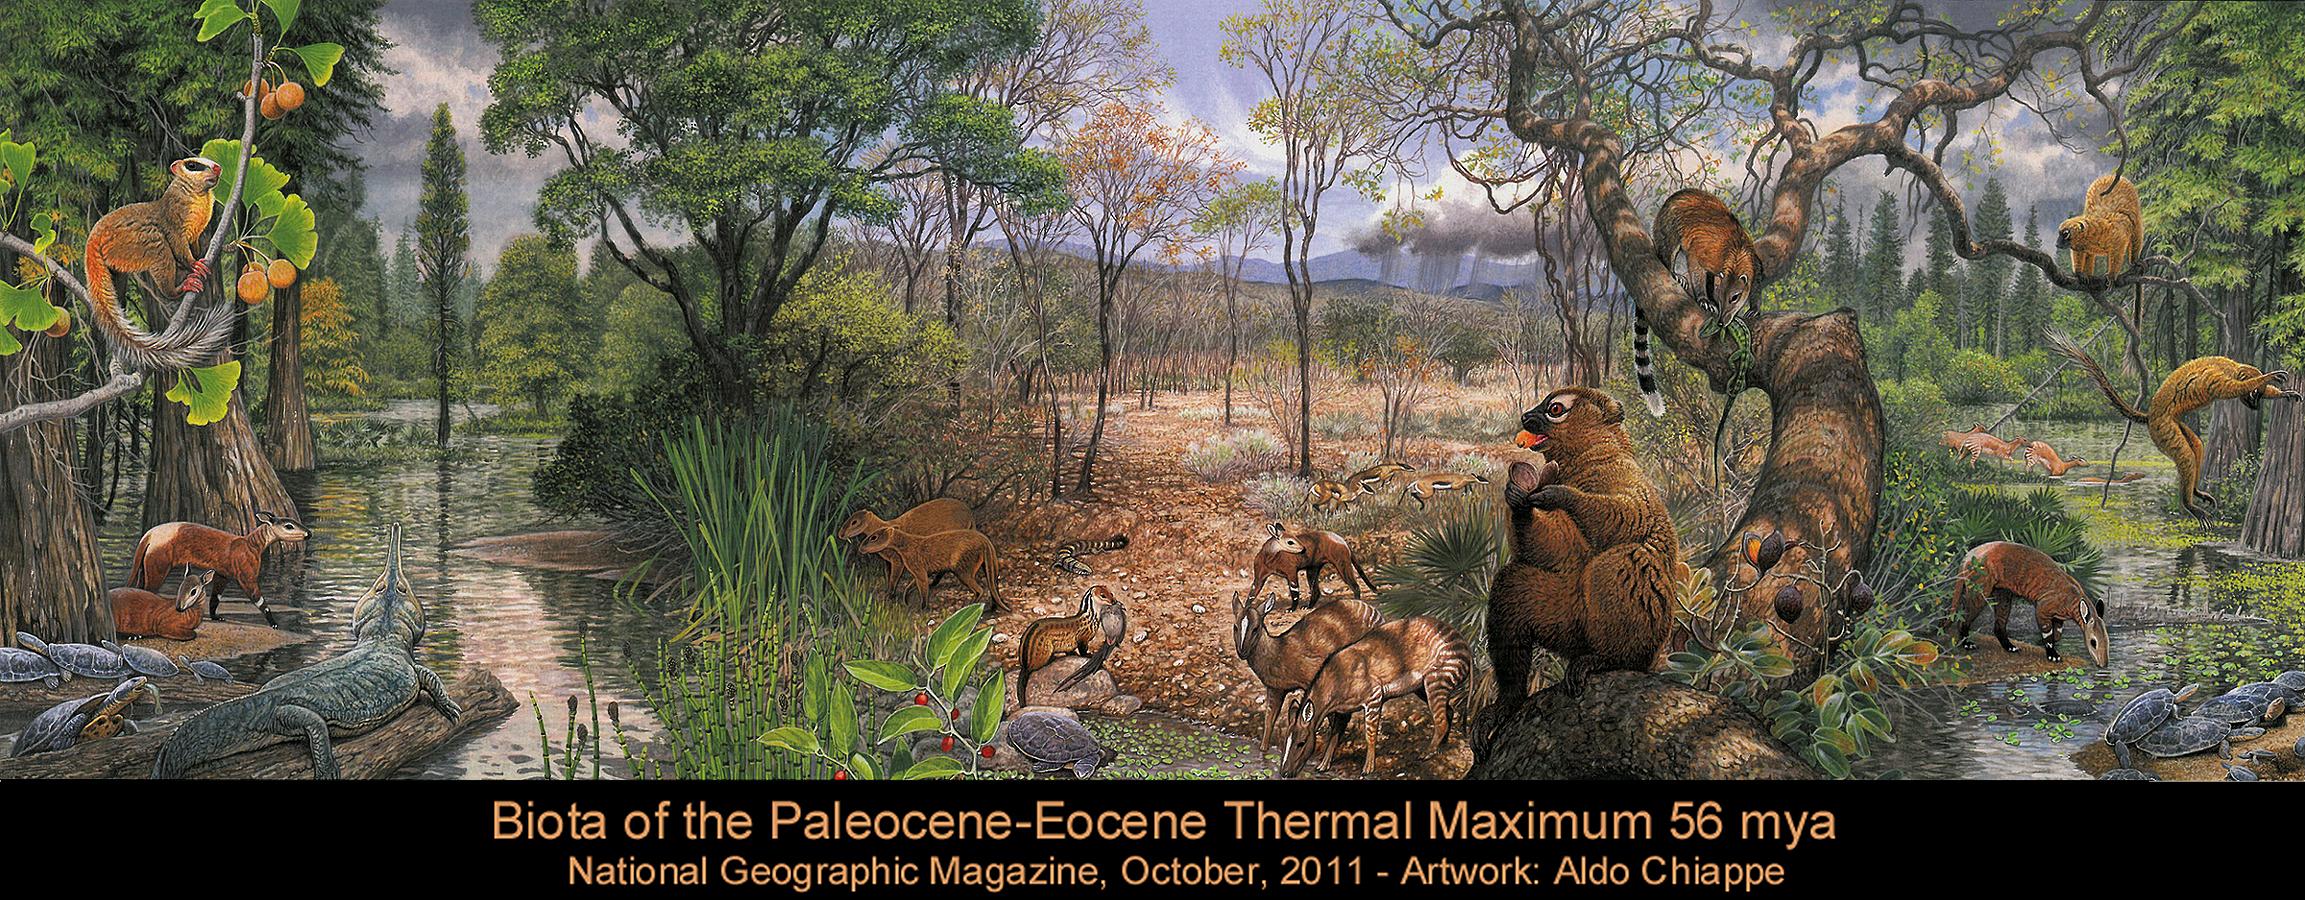 Biota Of PETM Paleocene Eocene Thermal Maximum